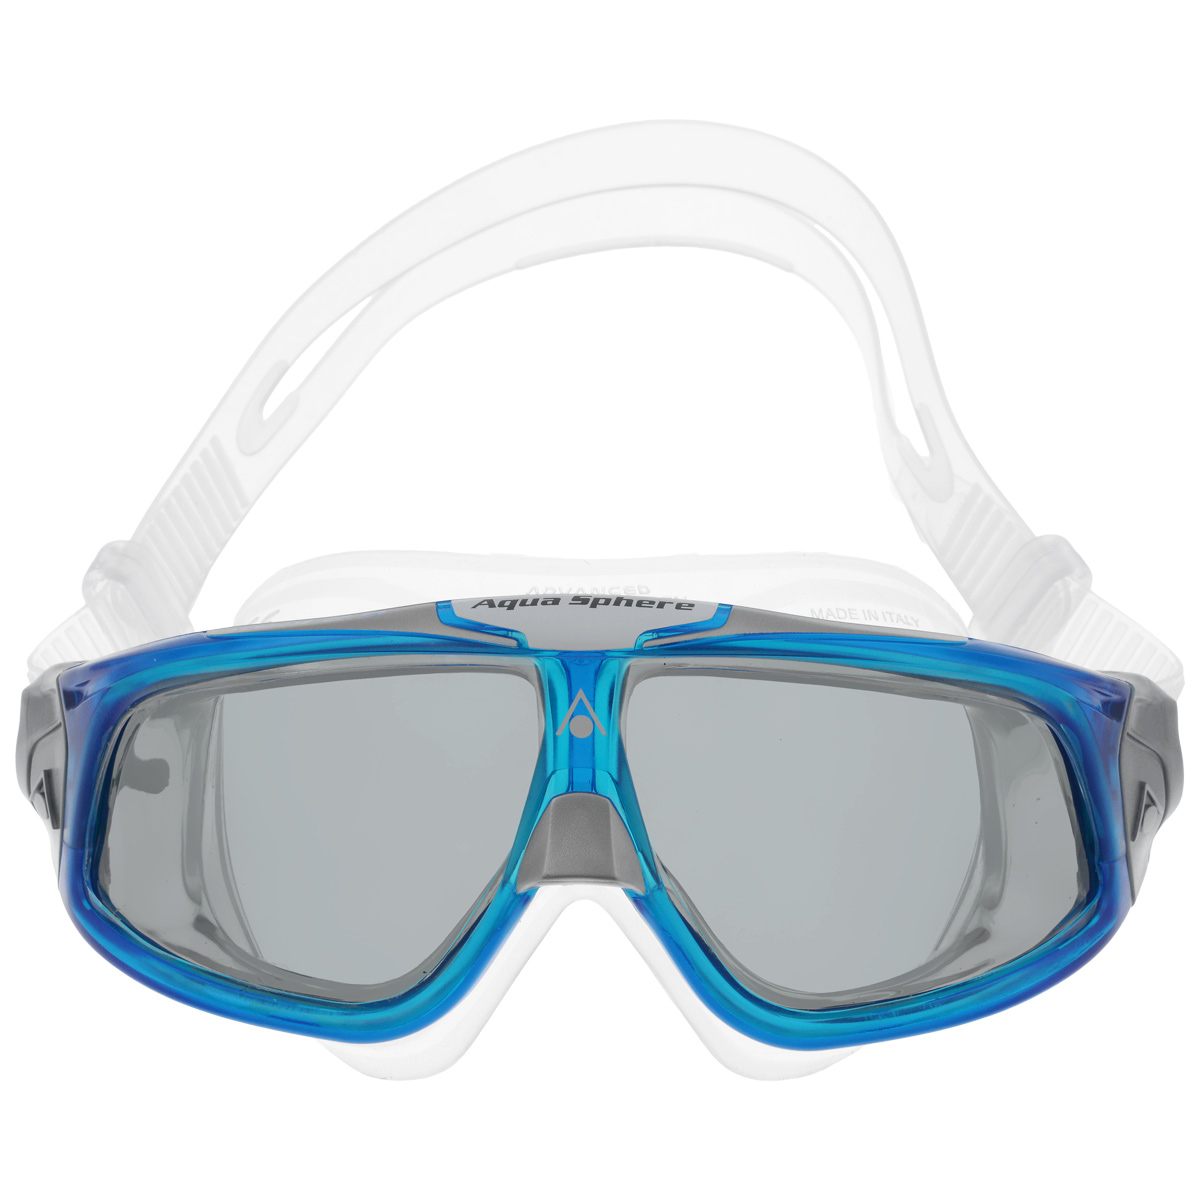 Очки для плавания Aqua Sphere Seal 2.0, цвет: прозрачный, синийJ504N-9093Aqua Sphere Seal 2.0 являются идеальными очками для тех, кто пользуется контактными линзами, так как они обеспечивают высокий уровень защиты глаз от внешних раздражителей, бактерий, соли и хлора.Особая форма линз обеспечивает панорамный обзор 180°. Очки дают 100% защиту от ультрафиолетового излучения. Специальное покрытие препятствует запотеванию стекол.Материал: силикон, plexisol.